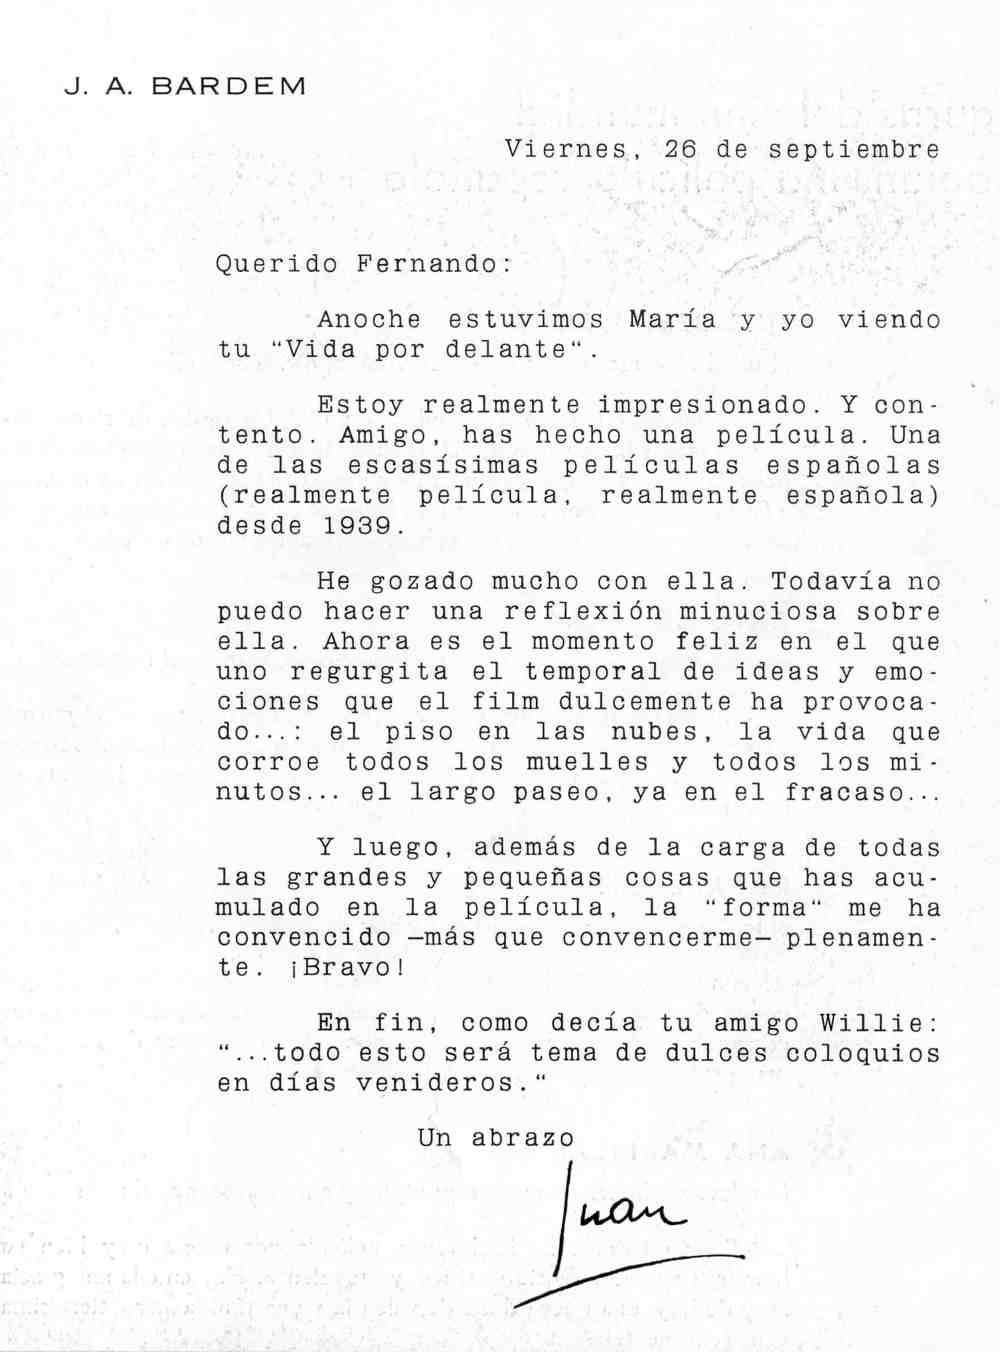 Carta de Bardem.jpg